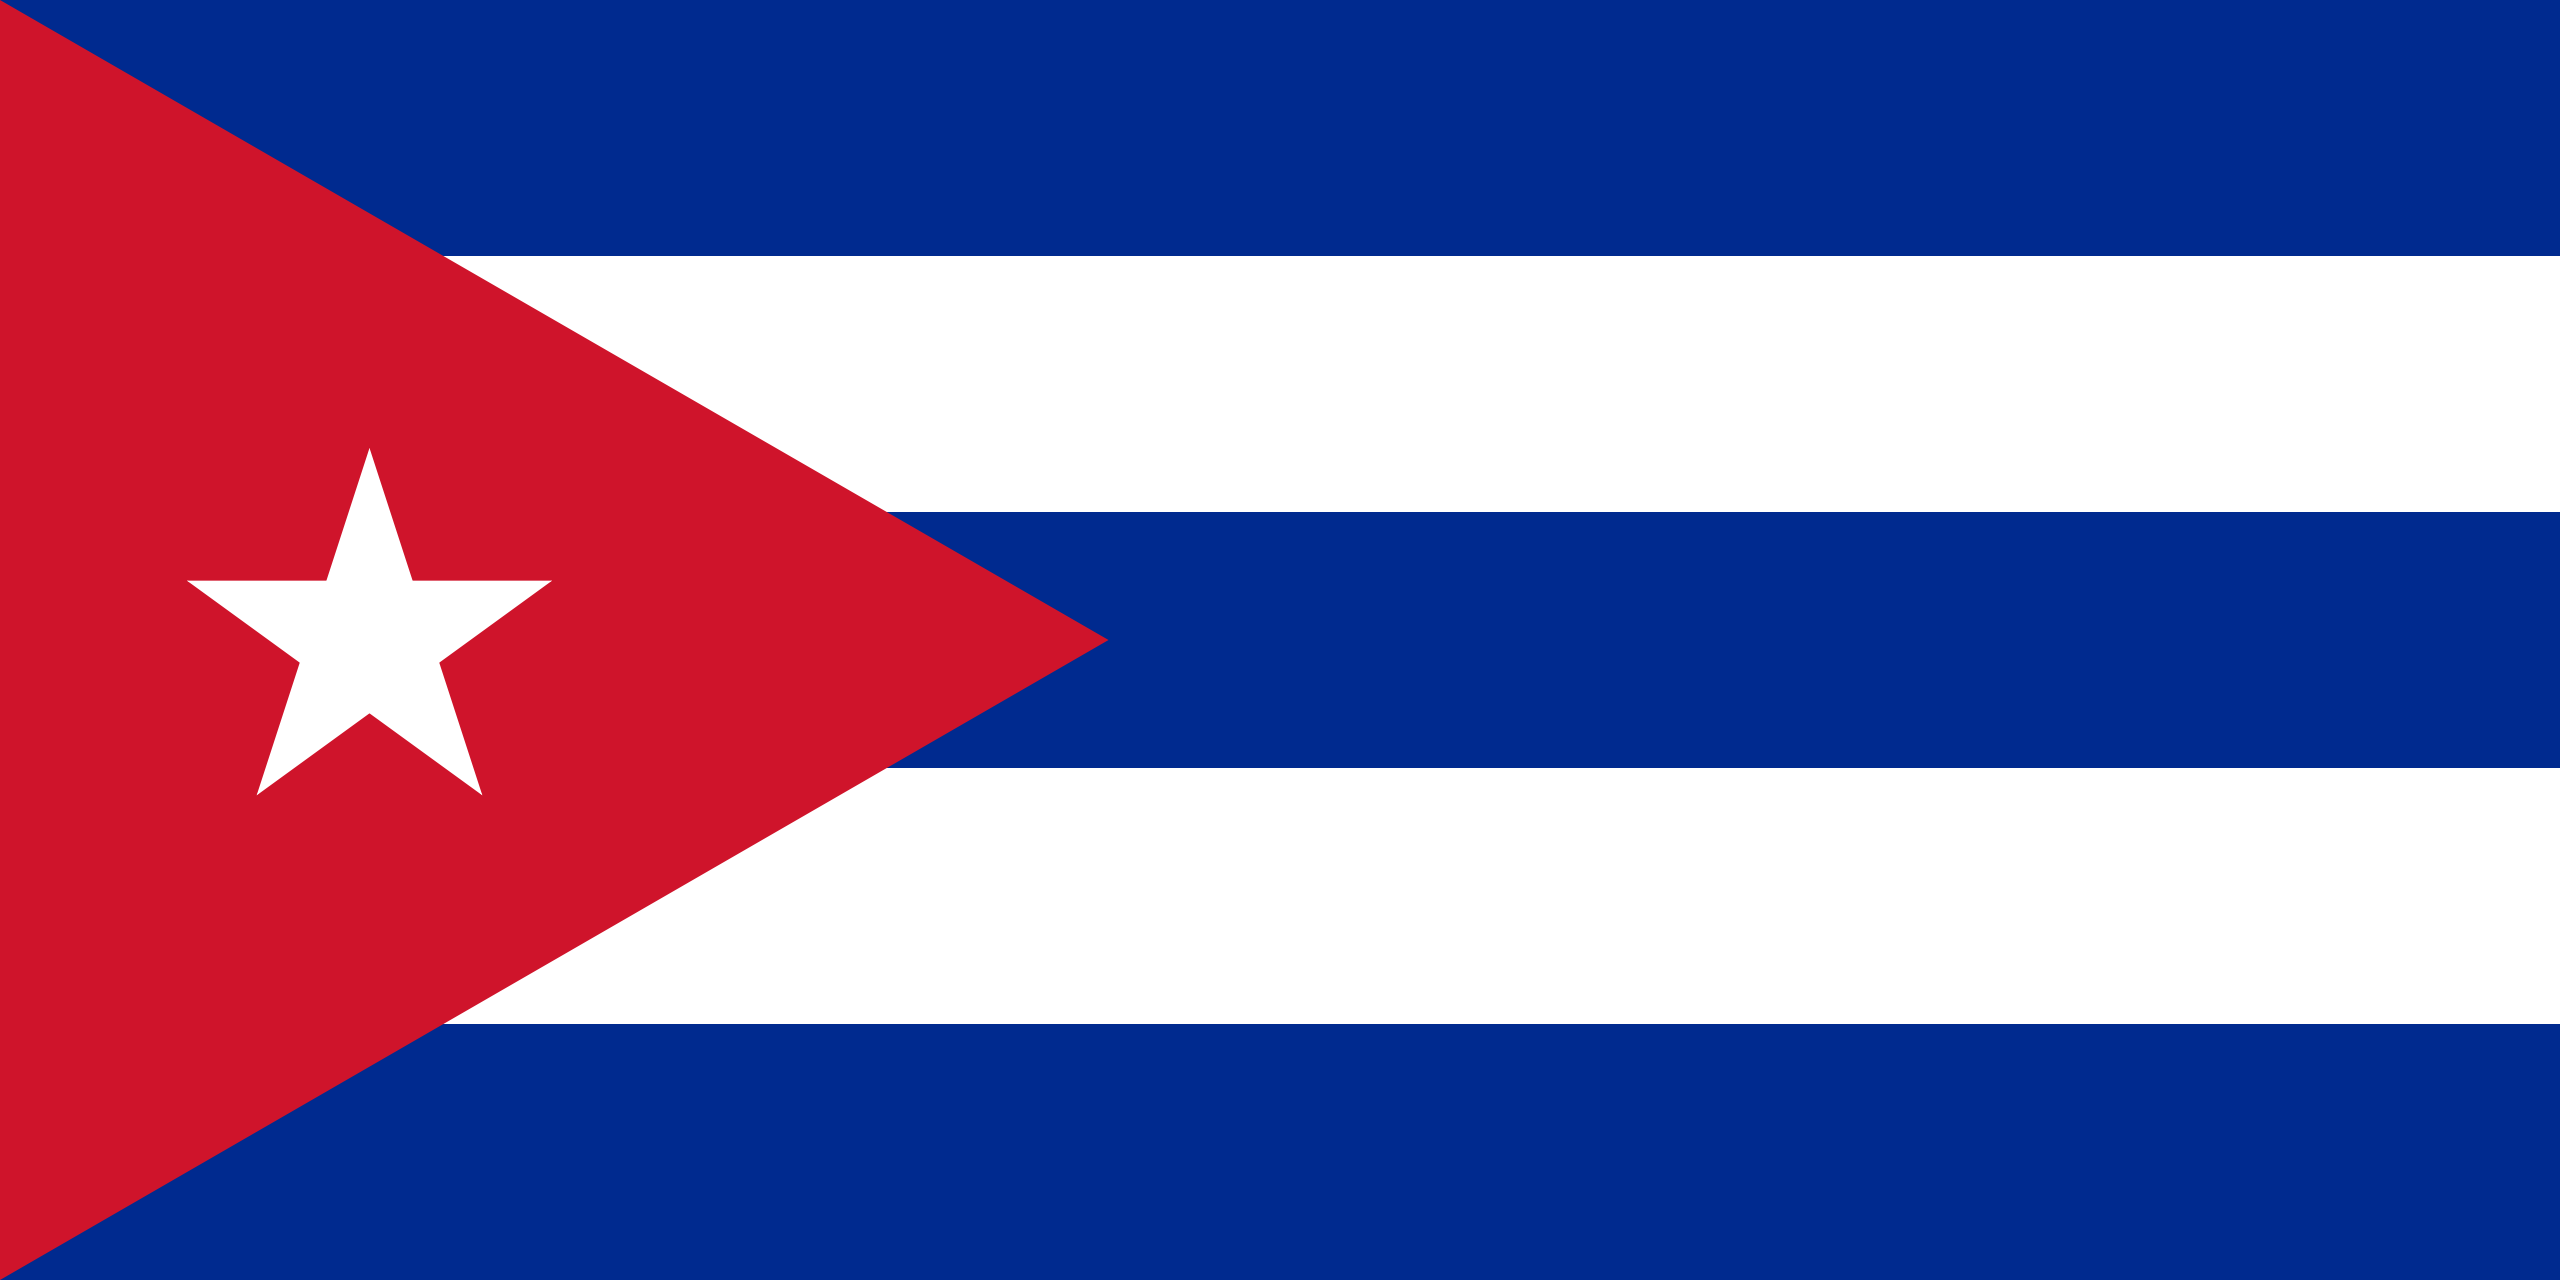 Κούβα, χώρα, έμβλημα, λογότυπο, σύμβολο - Wallpapers HD - Professor-falken.com